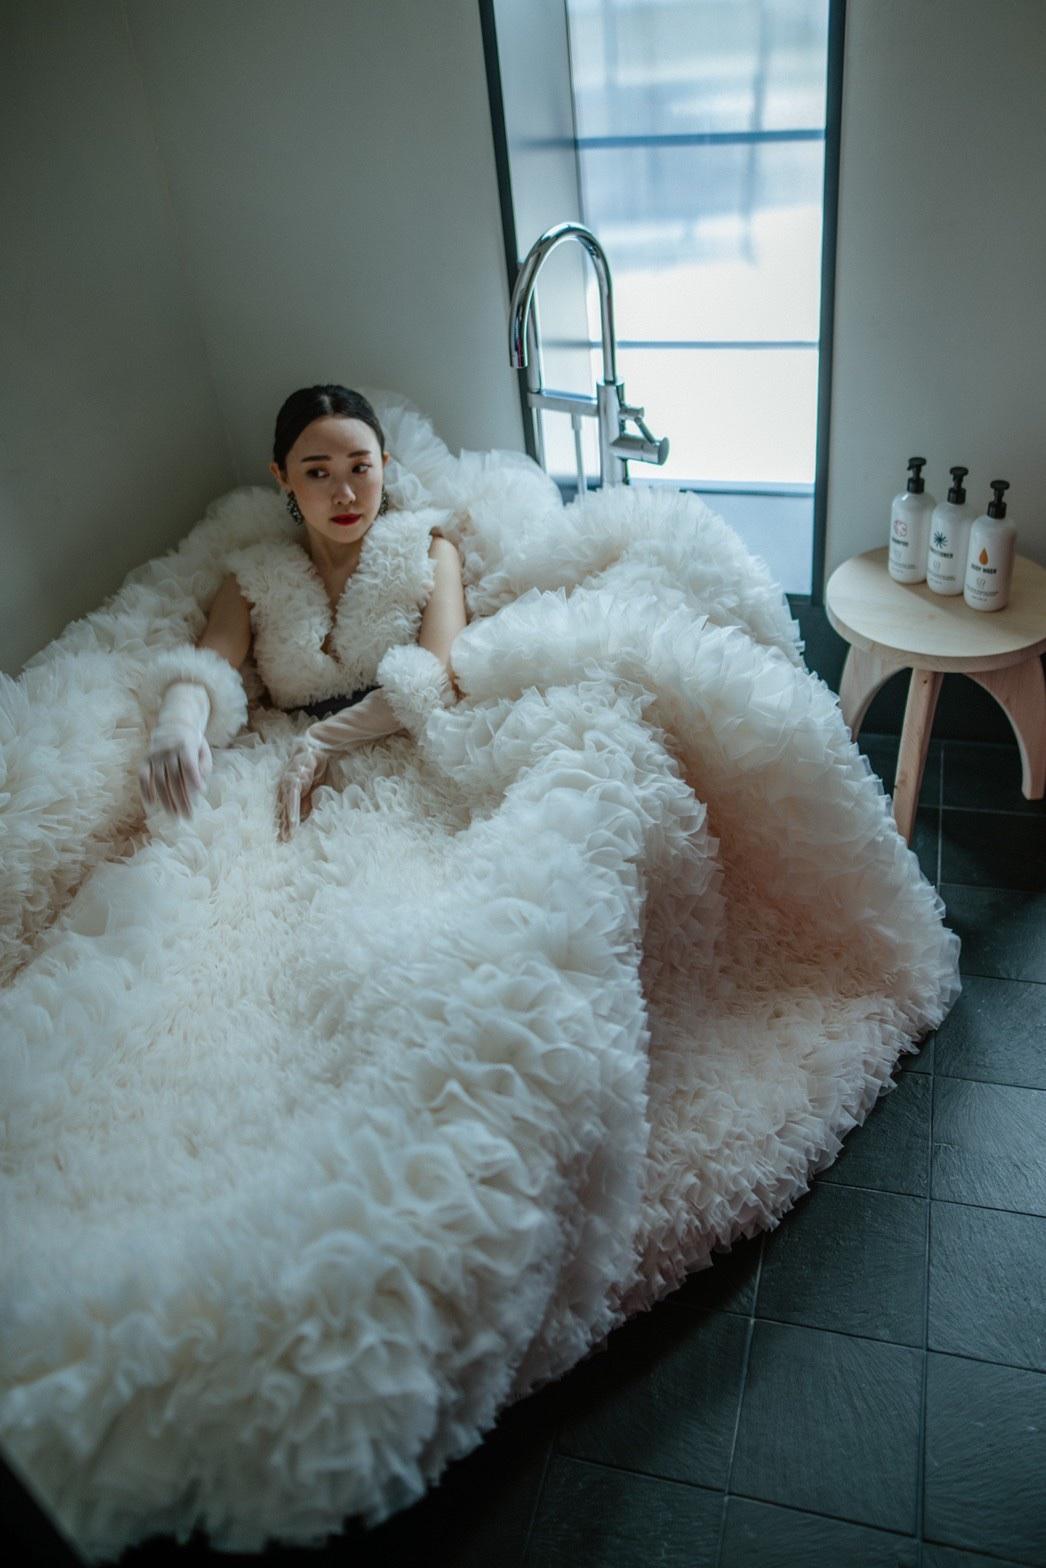 エースホテル京都にてトリートドレッシングにてお取り扱いのあるトモコイズミのドレスで撮影されたお二人の前撮り